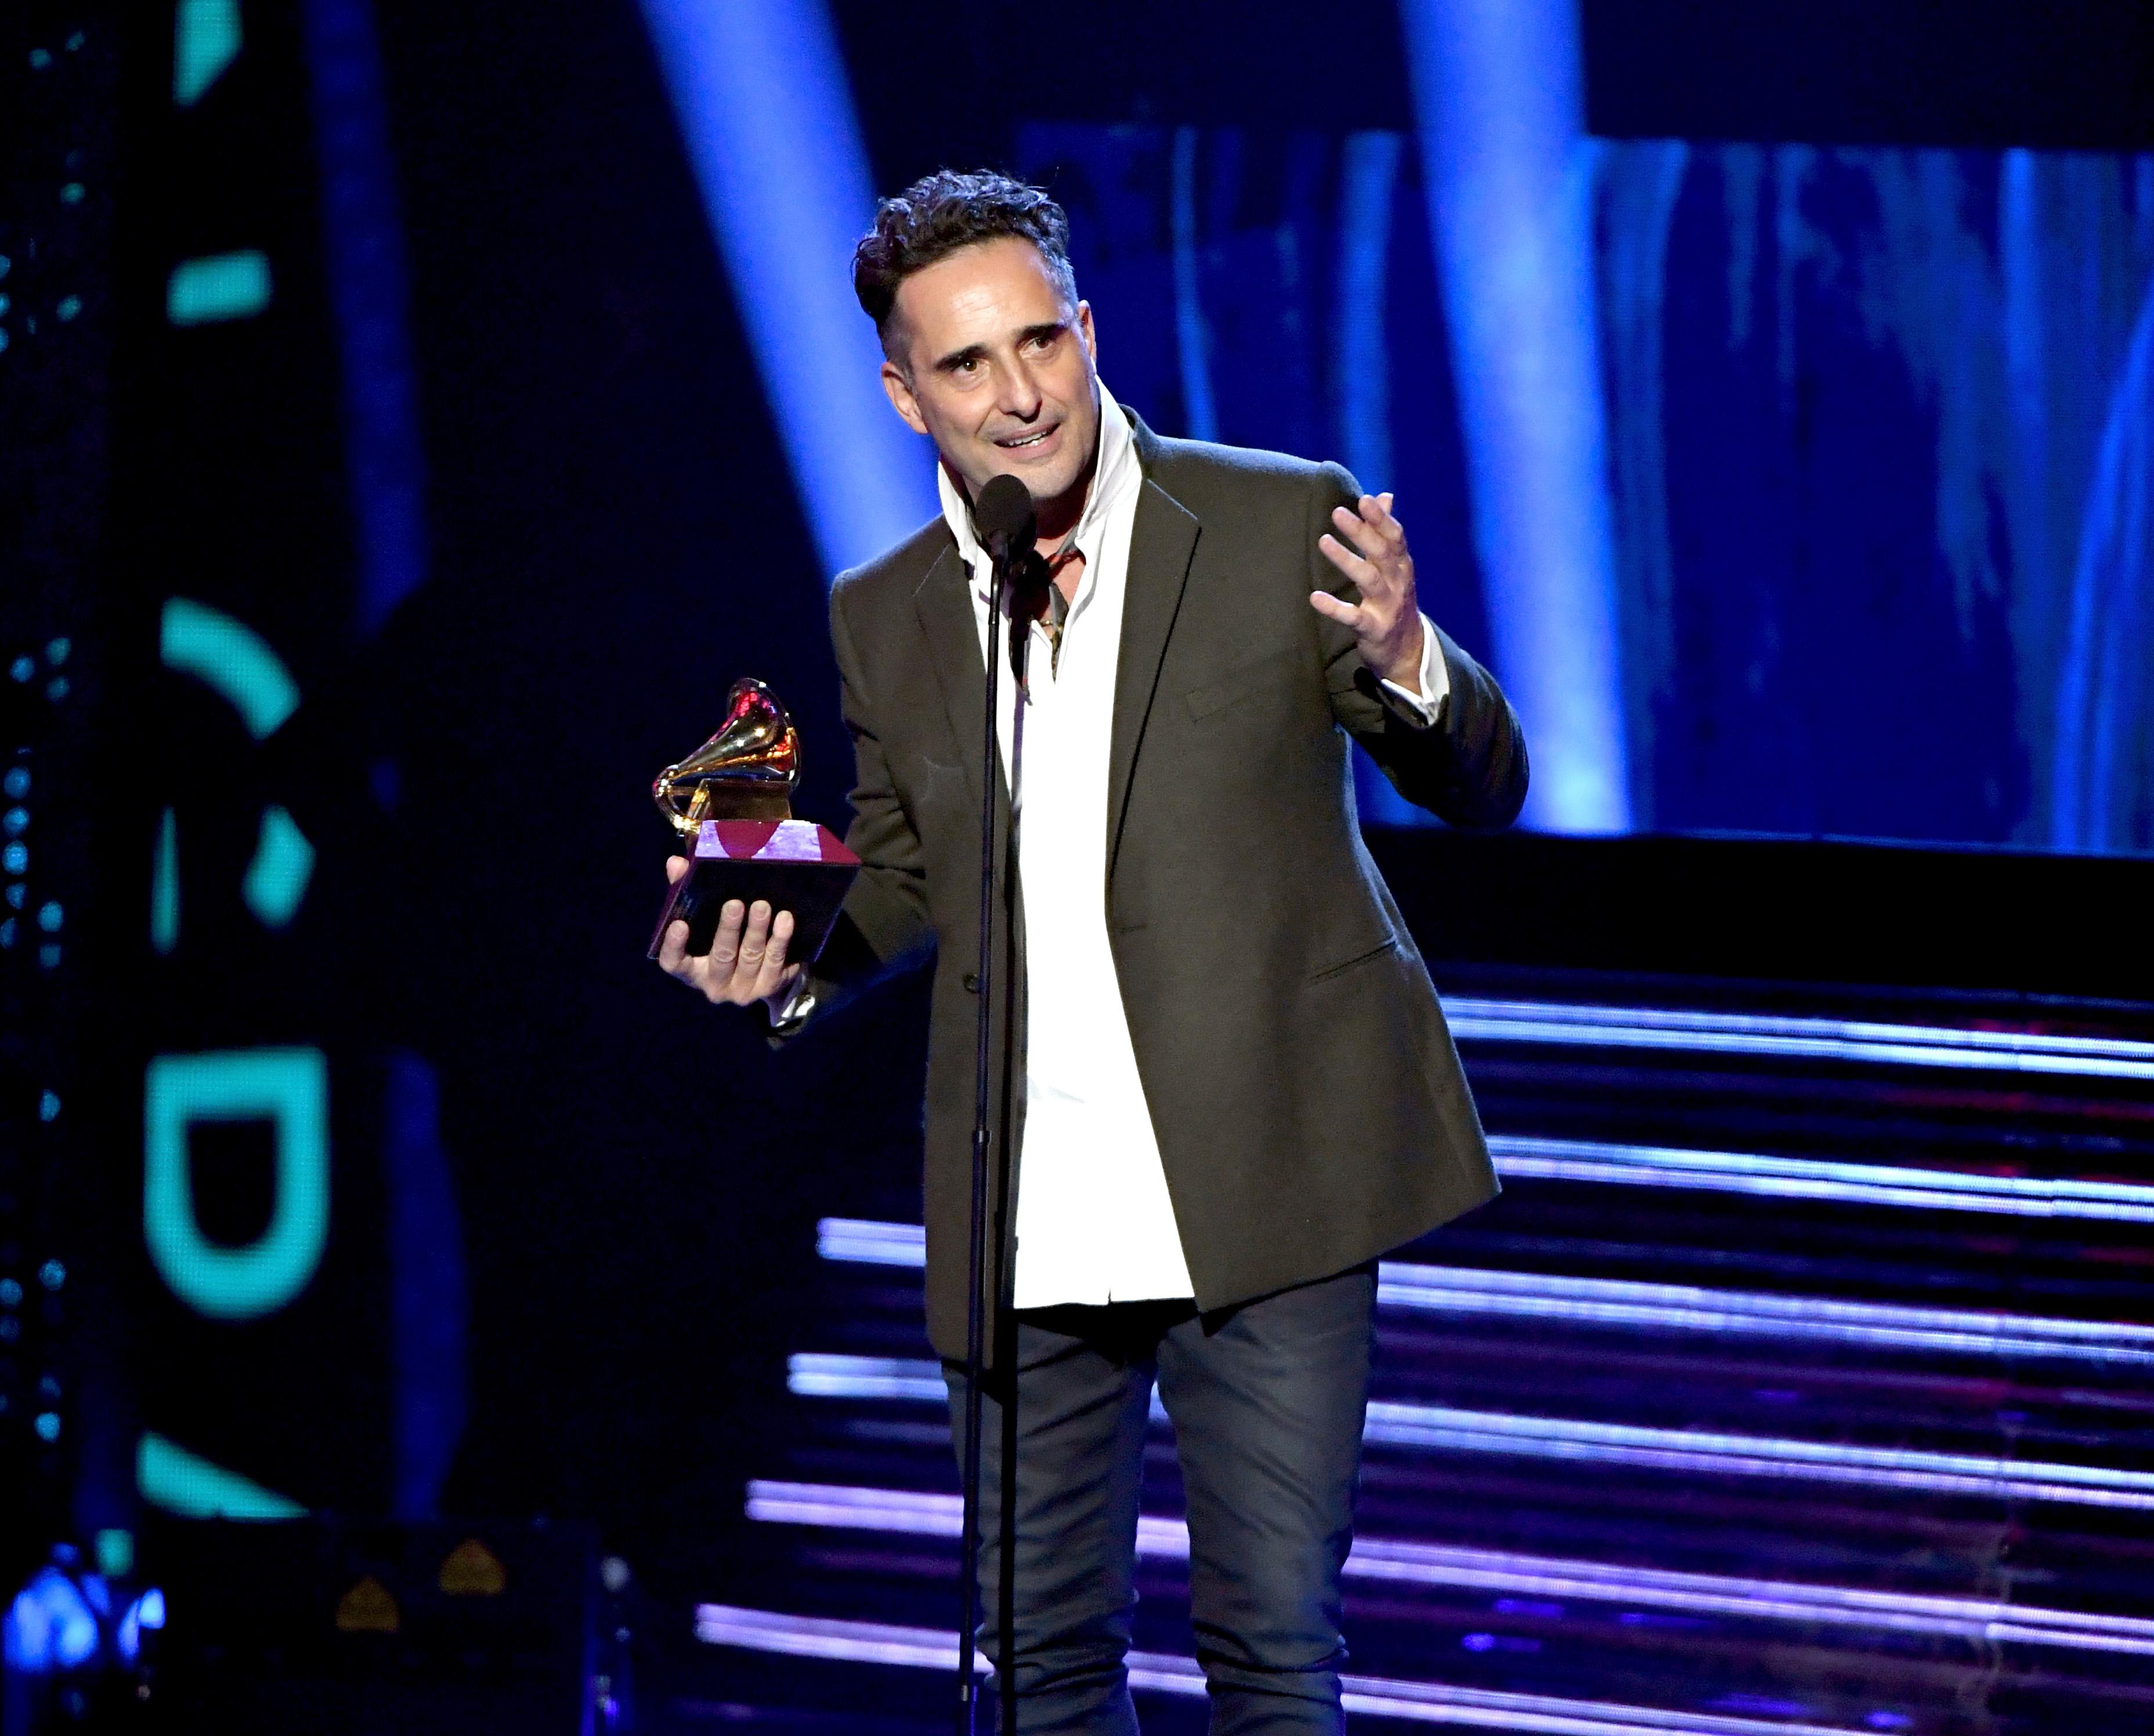 Jorge Drexler triunfó en la categoría música del año por su canción 'Telefonia'